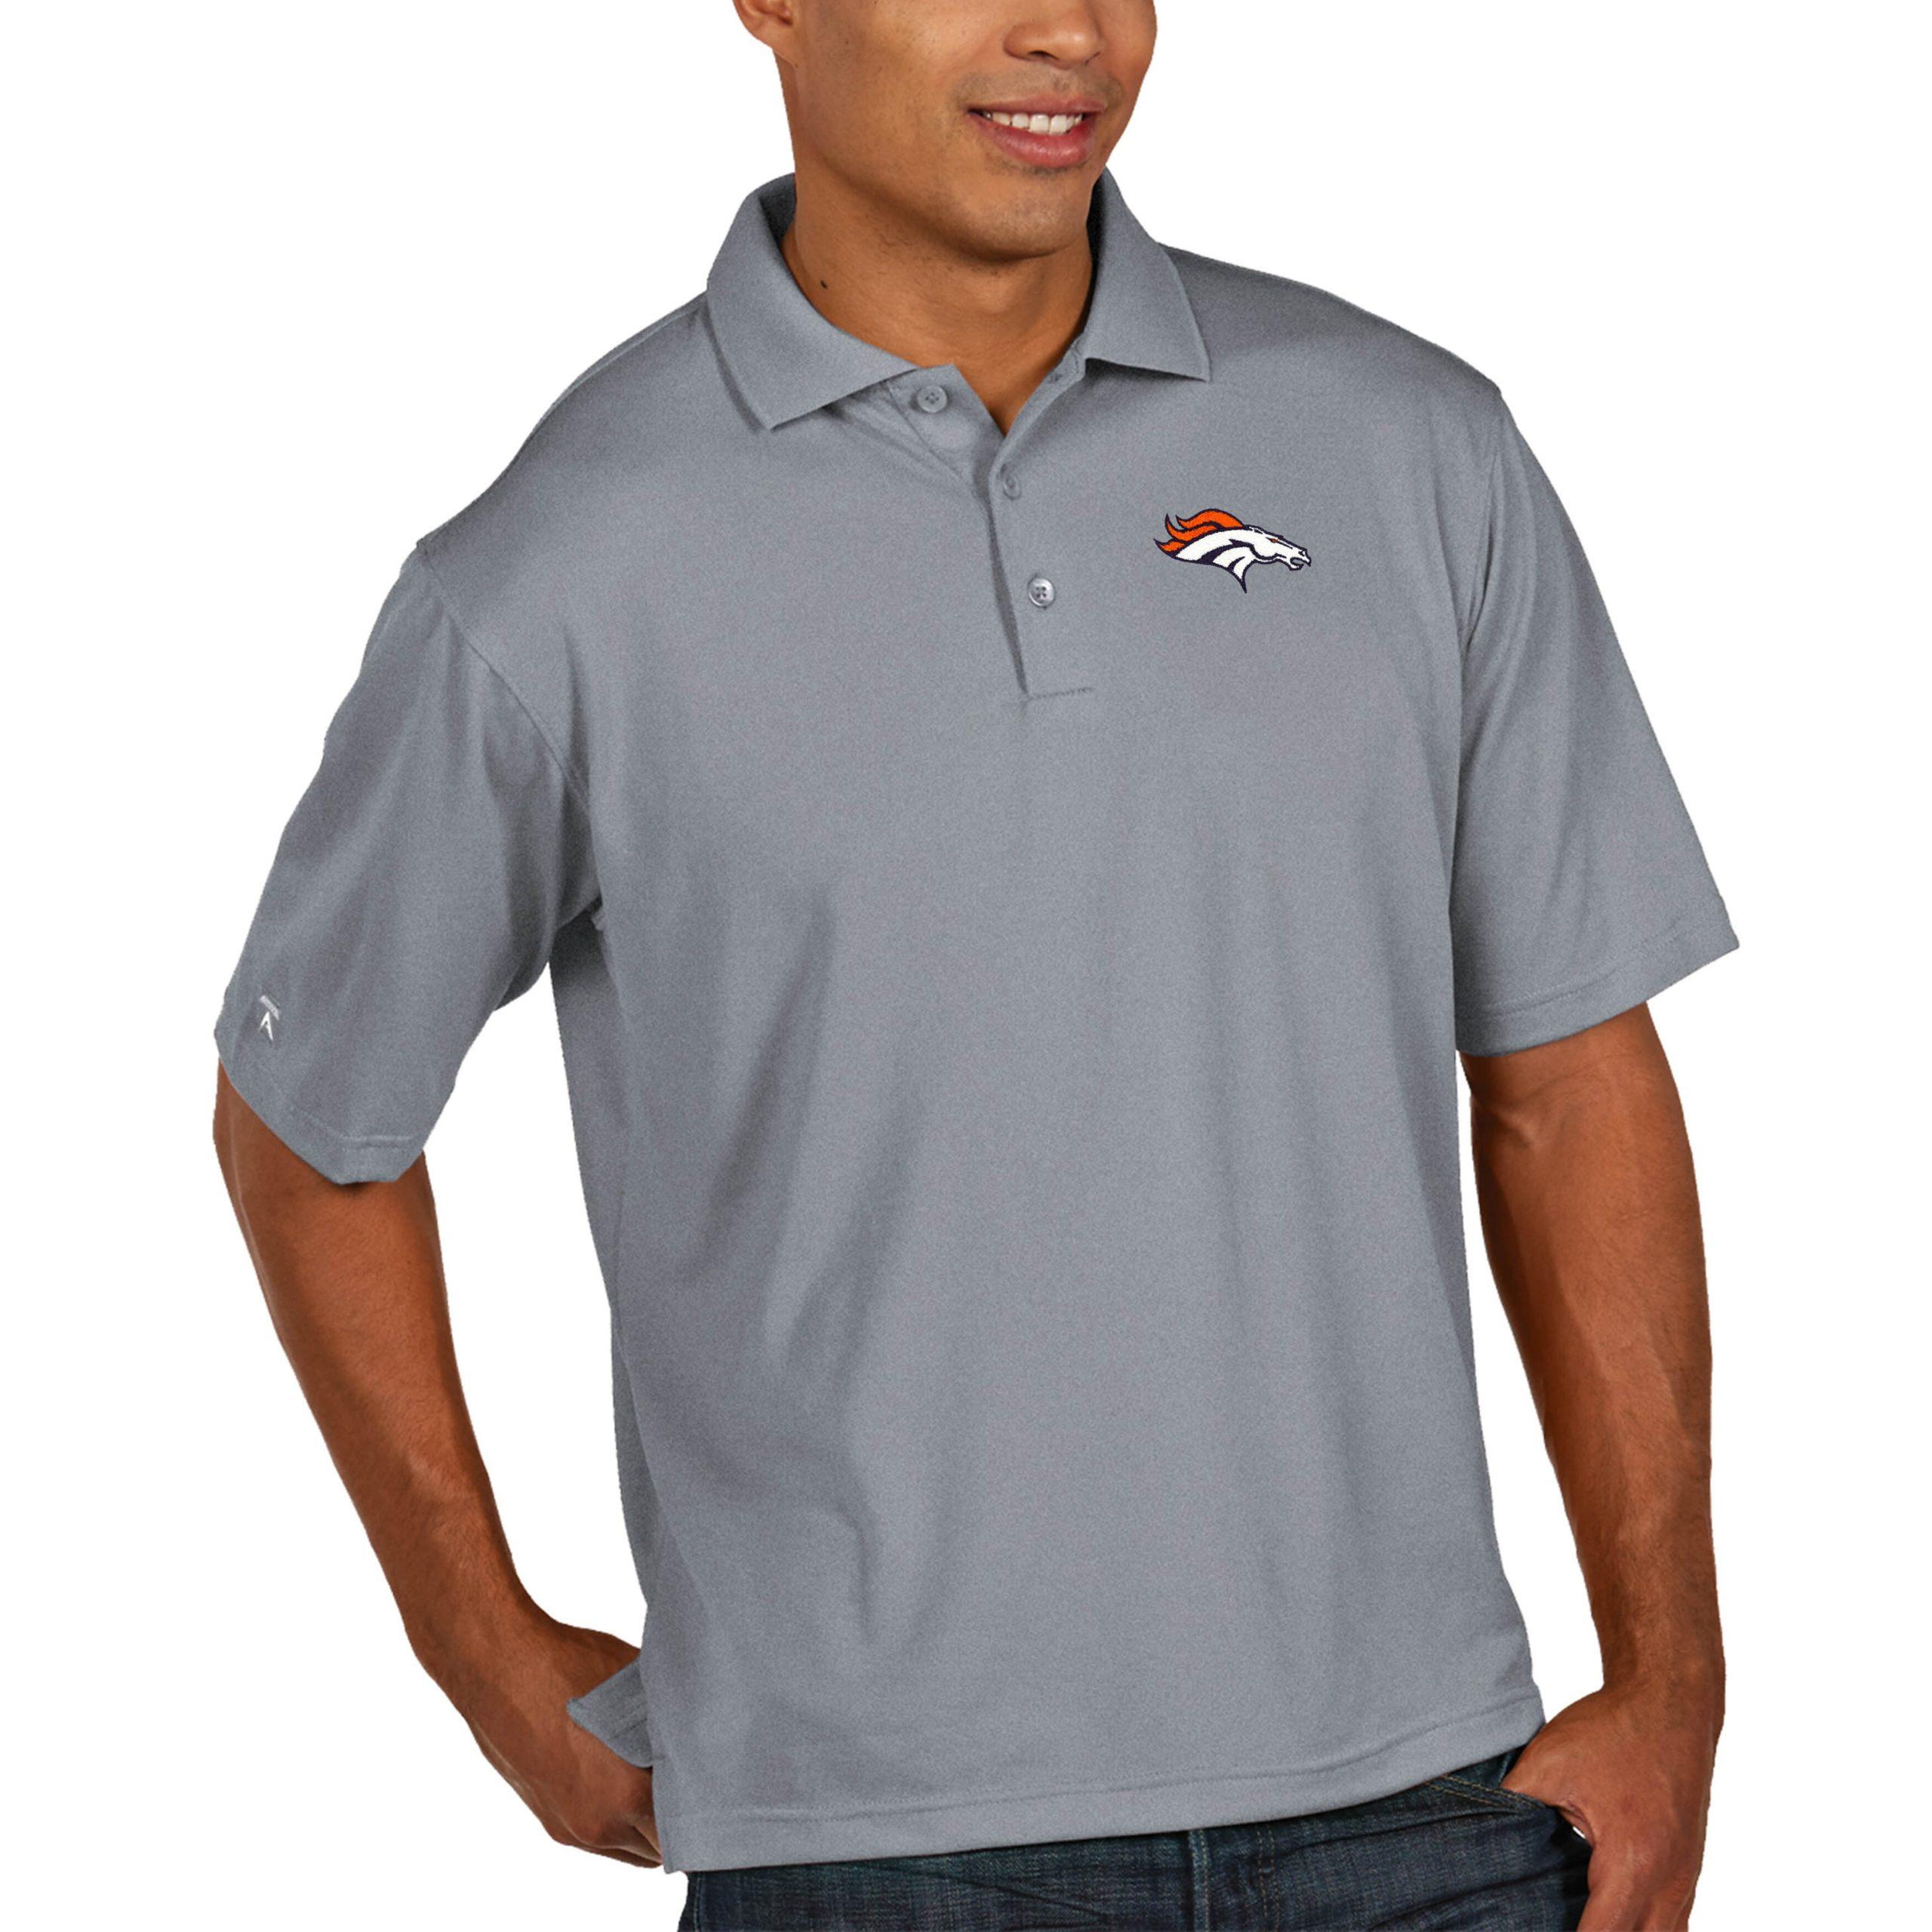 Denver Broncos Antigua Pique Xtra Lite Big & Tall Polo - Heather Gray